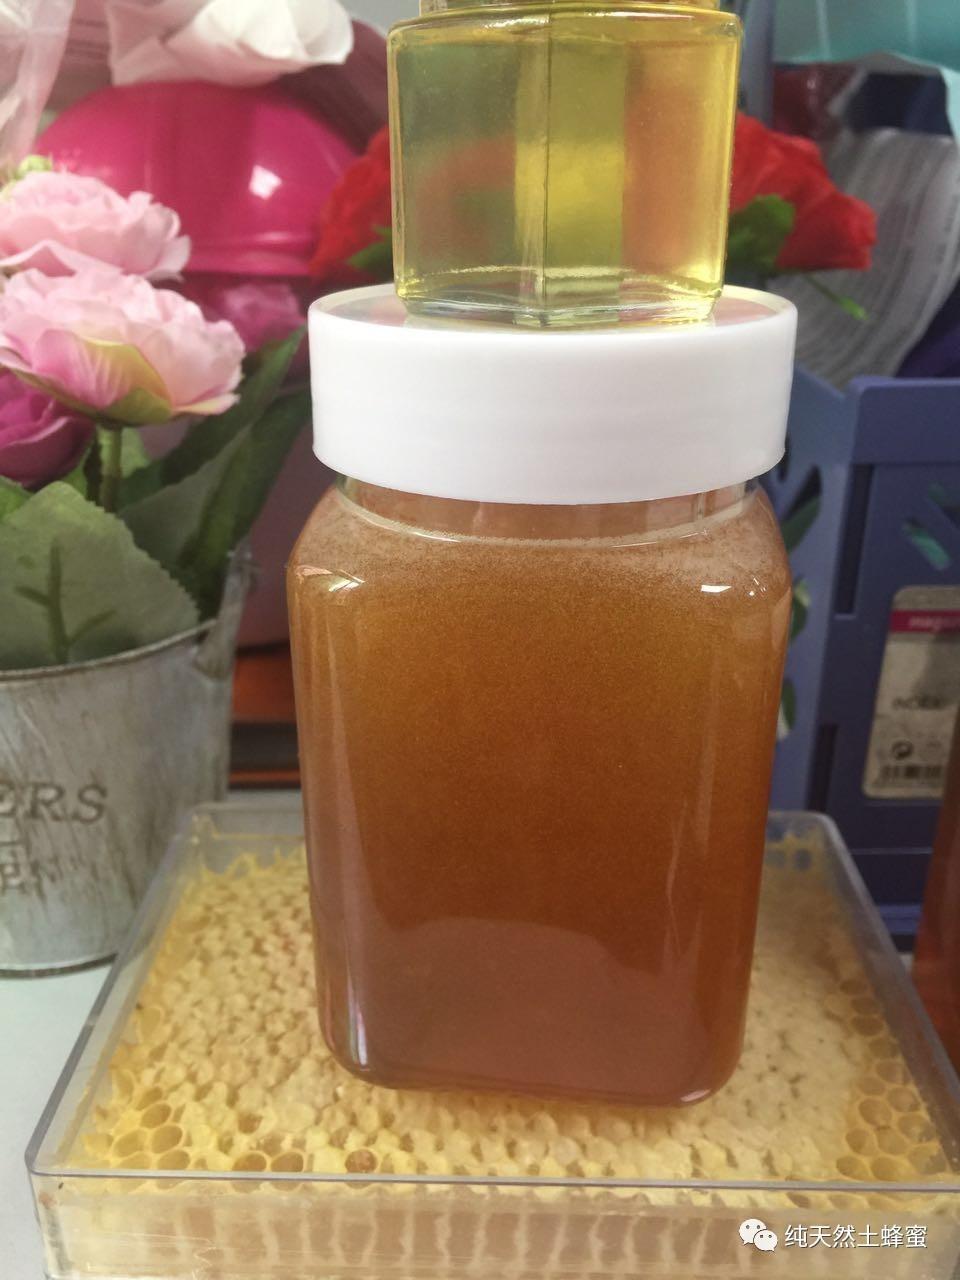 用蜂蜜怎么做面膜 蜂蜜牌子 蜂蜜批发市场 蜂蜜价格表 理化